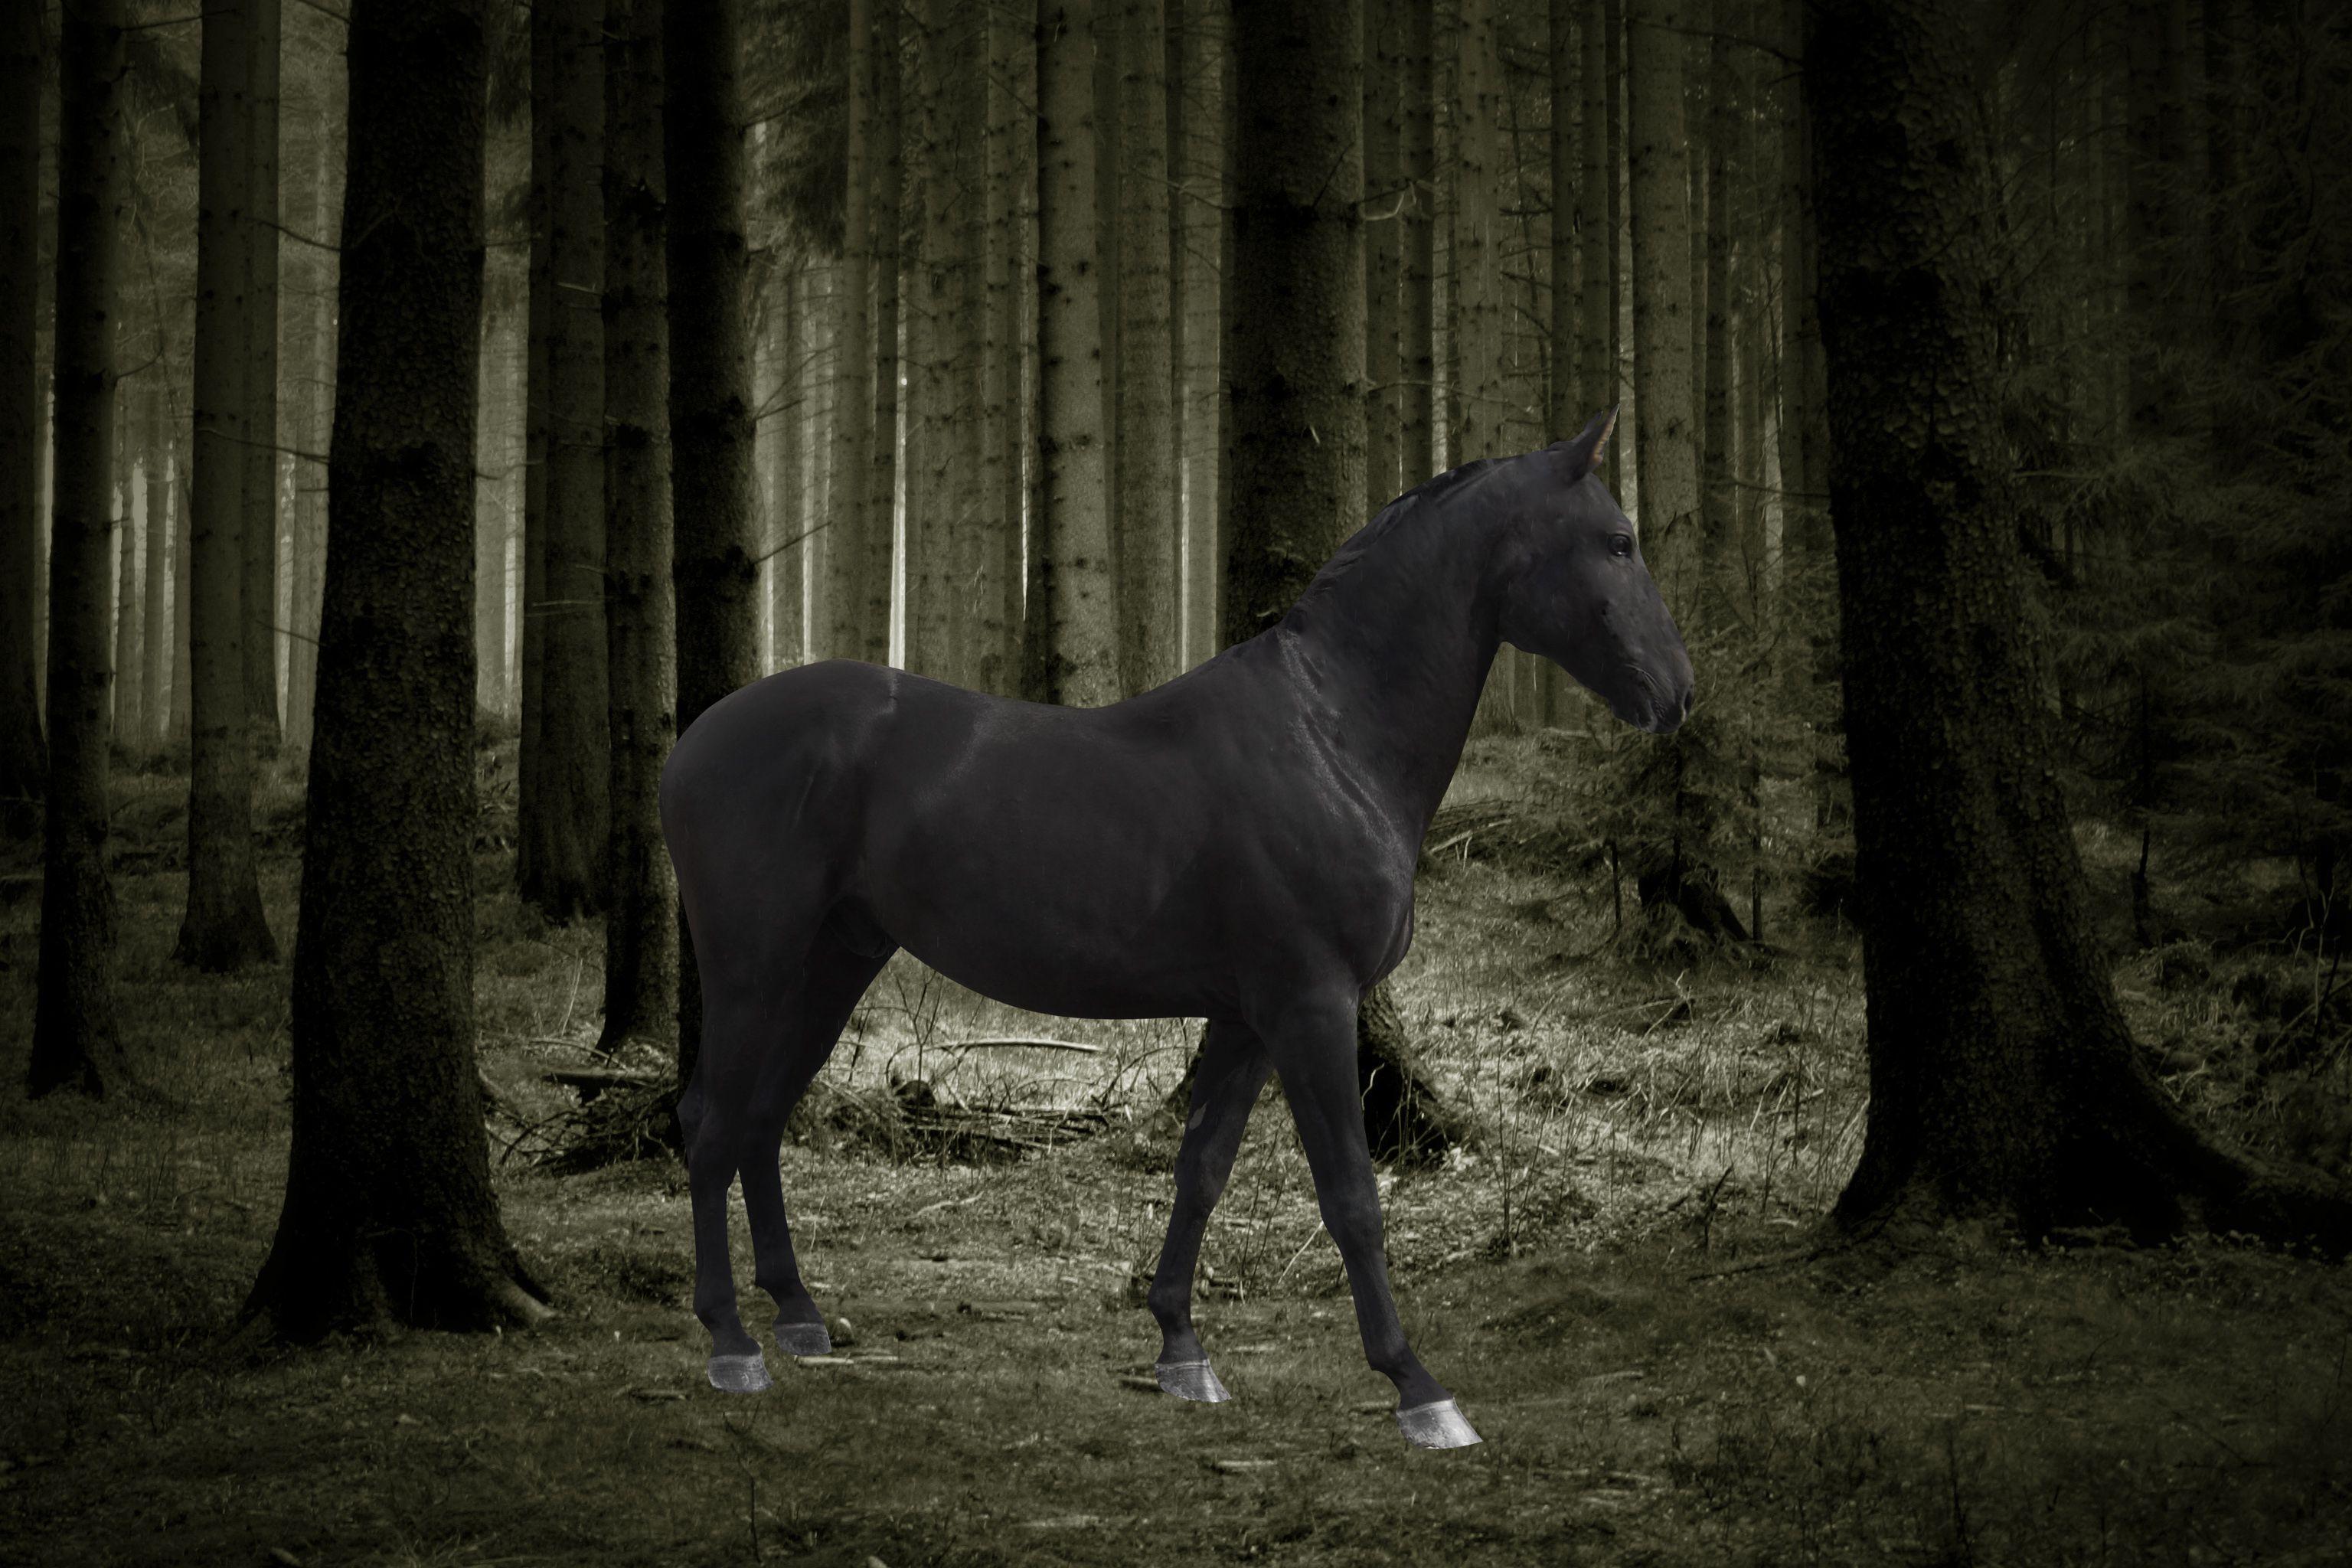 Black Horses Wallpapers Wallpaper Cave